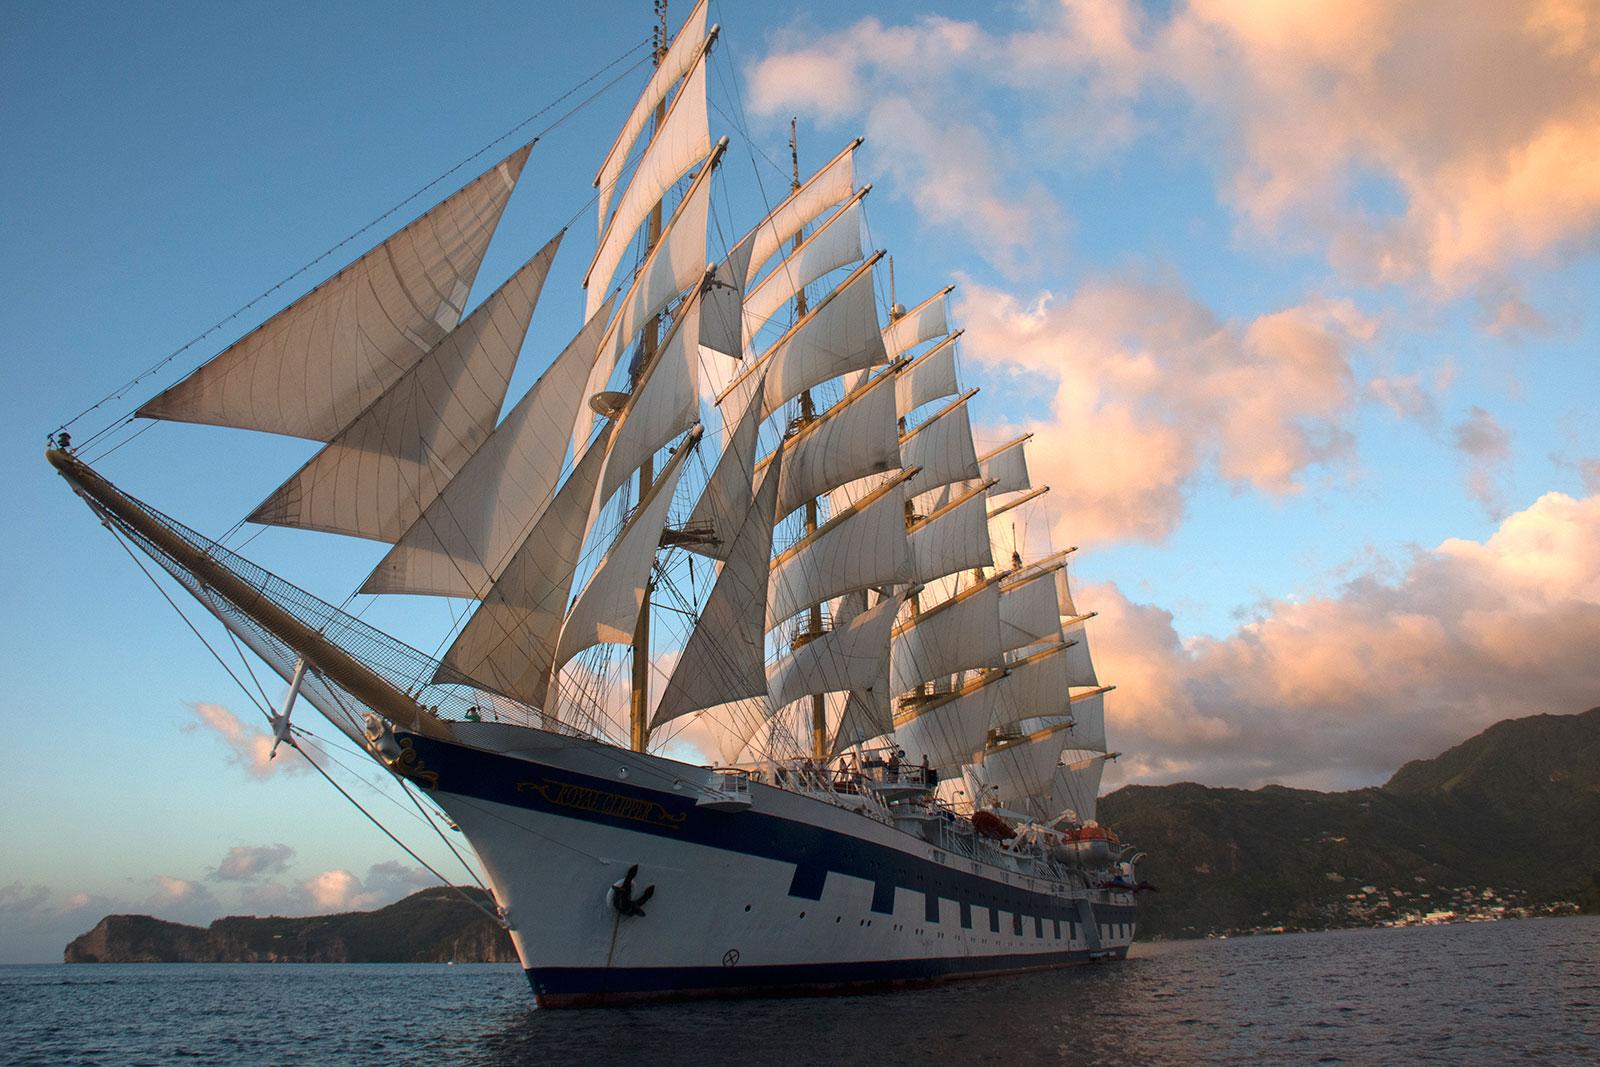 Onboard The Royal Clipper Ann Cavitt Fisher